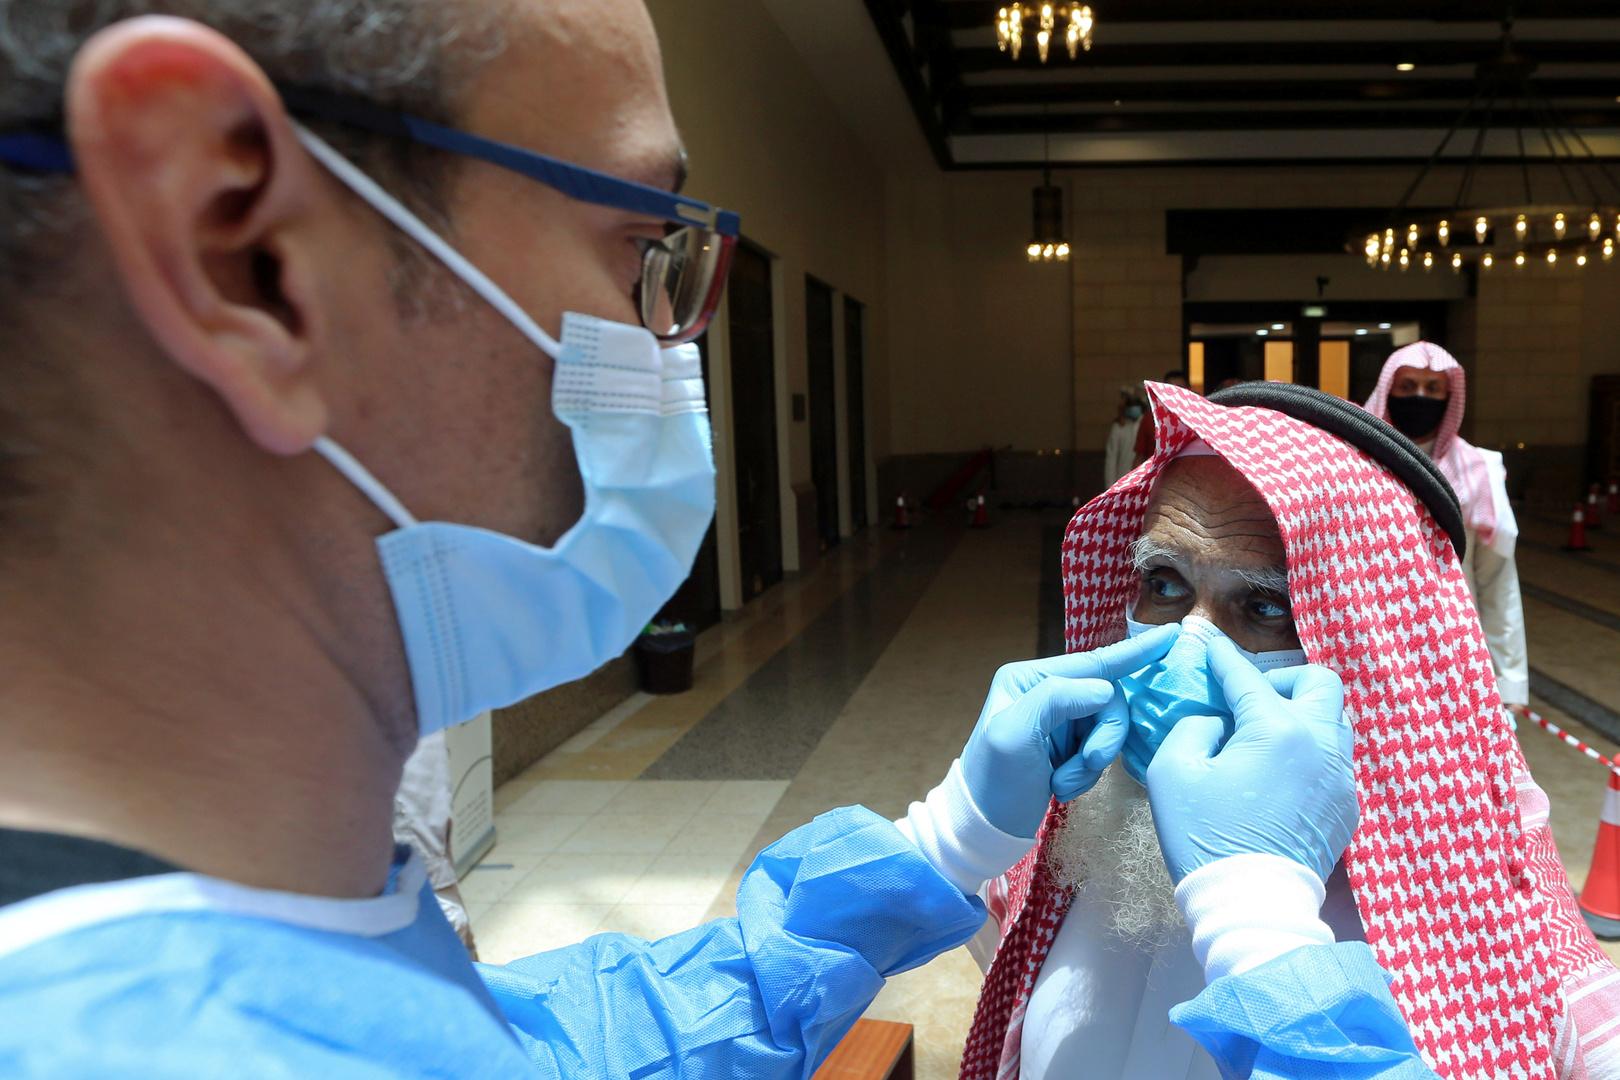 السعودية.. 41 وفاة جراء كورونا خلال 24 ساعة والإصابات اليومية تعاود الارتفاع -